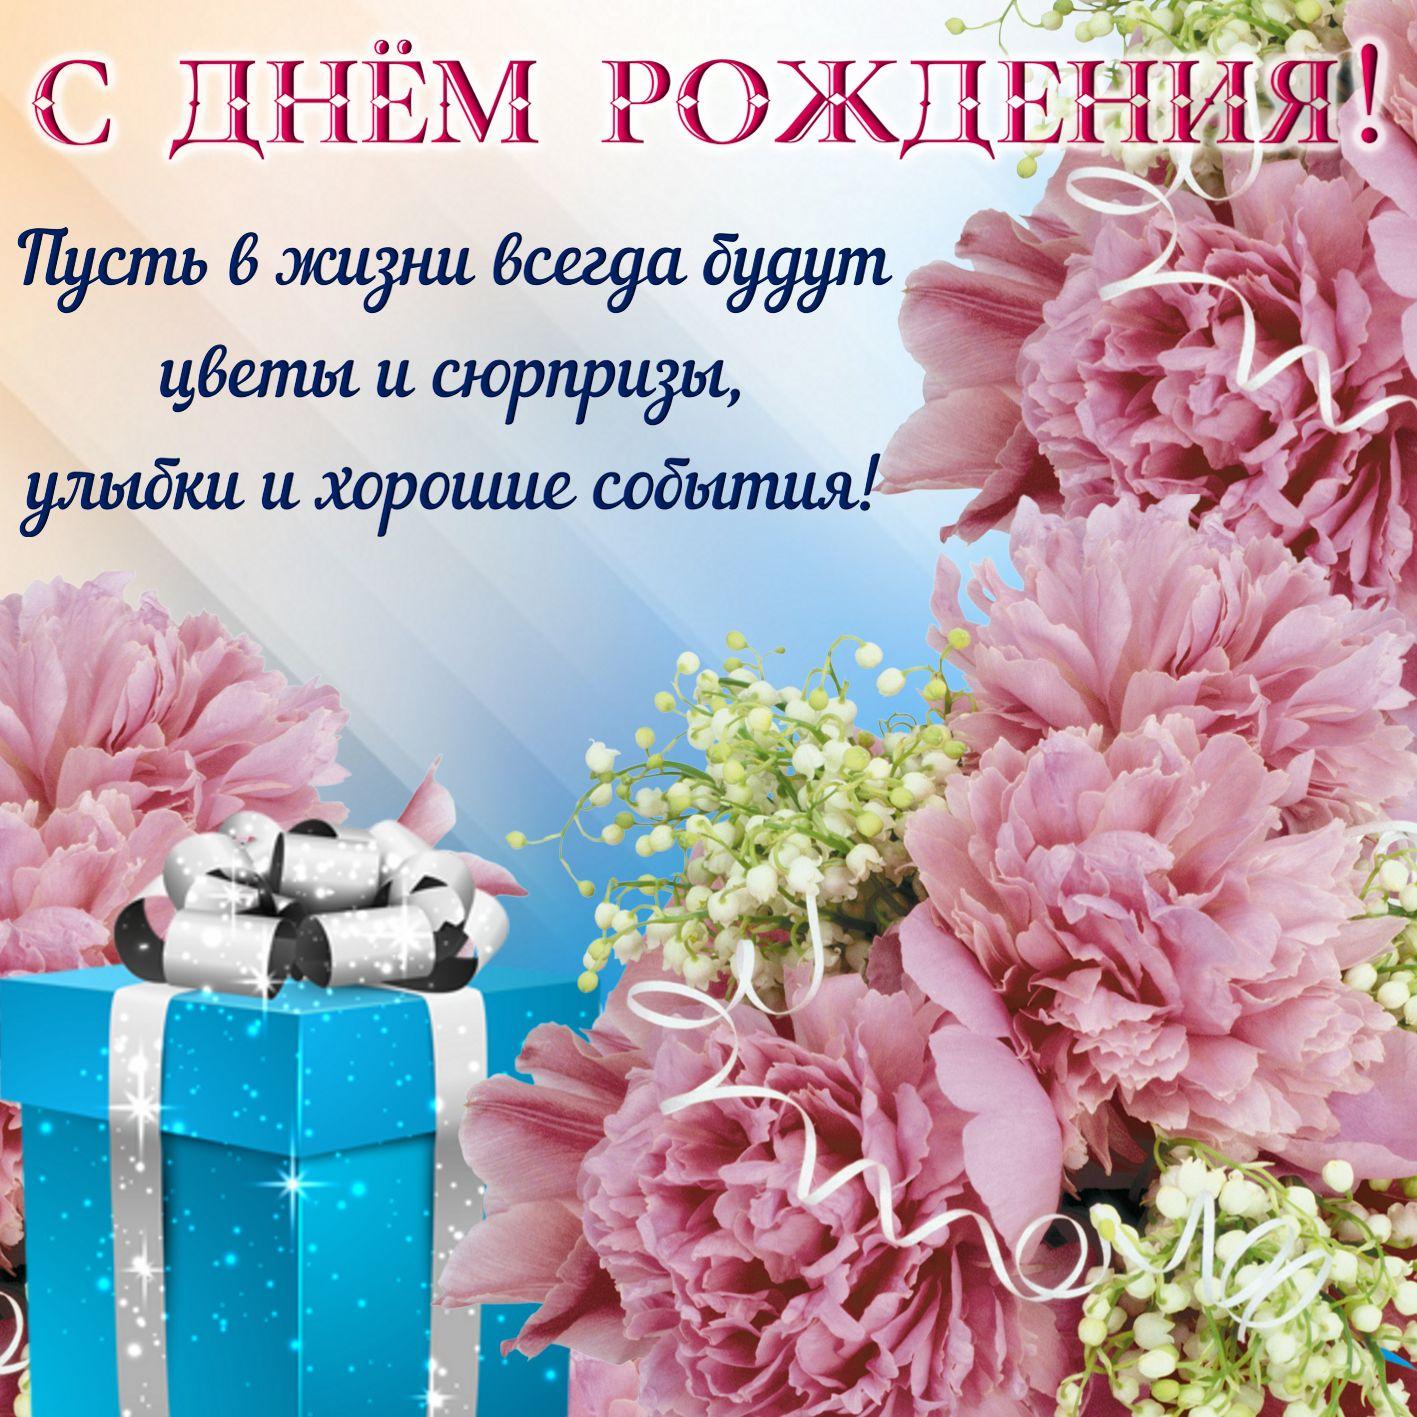 Картинки на день рождения и юбилей, поздравляю днем рождения